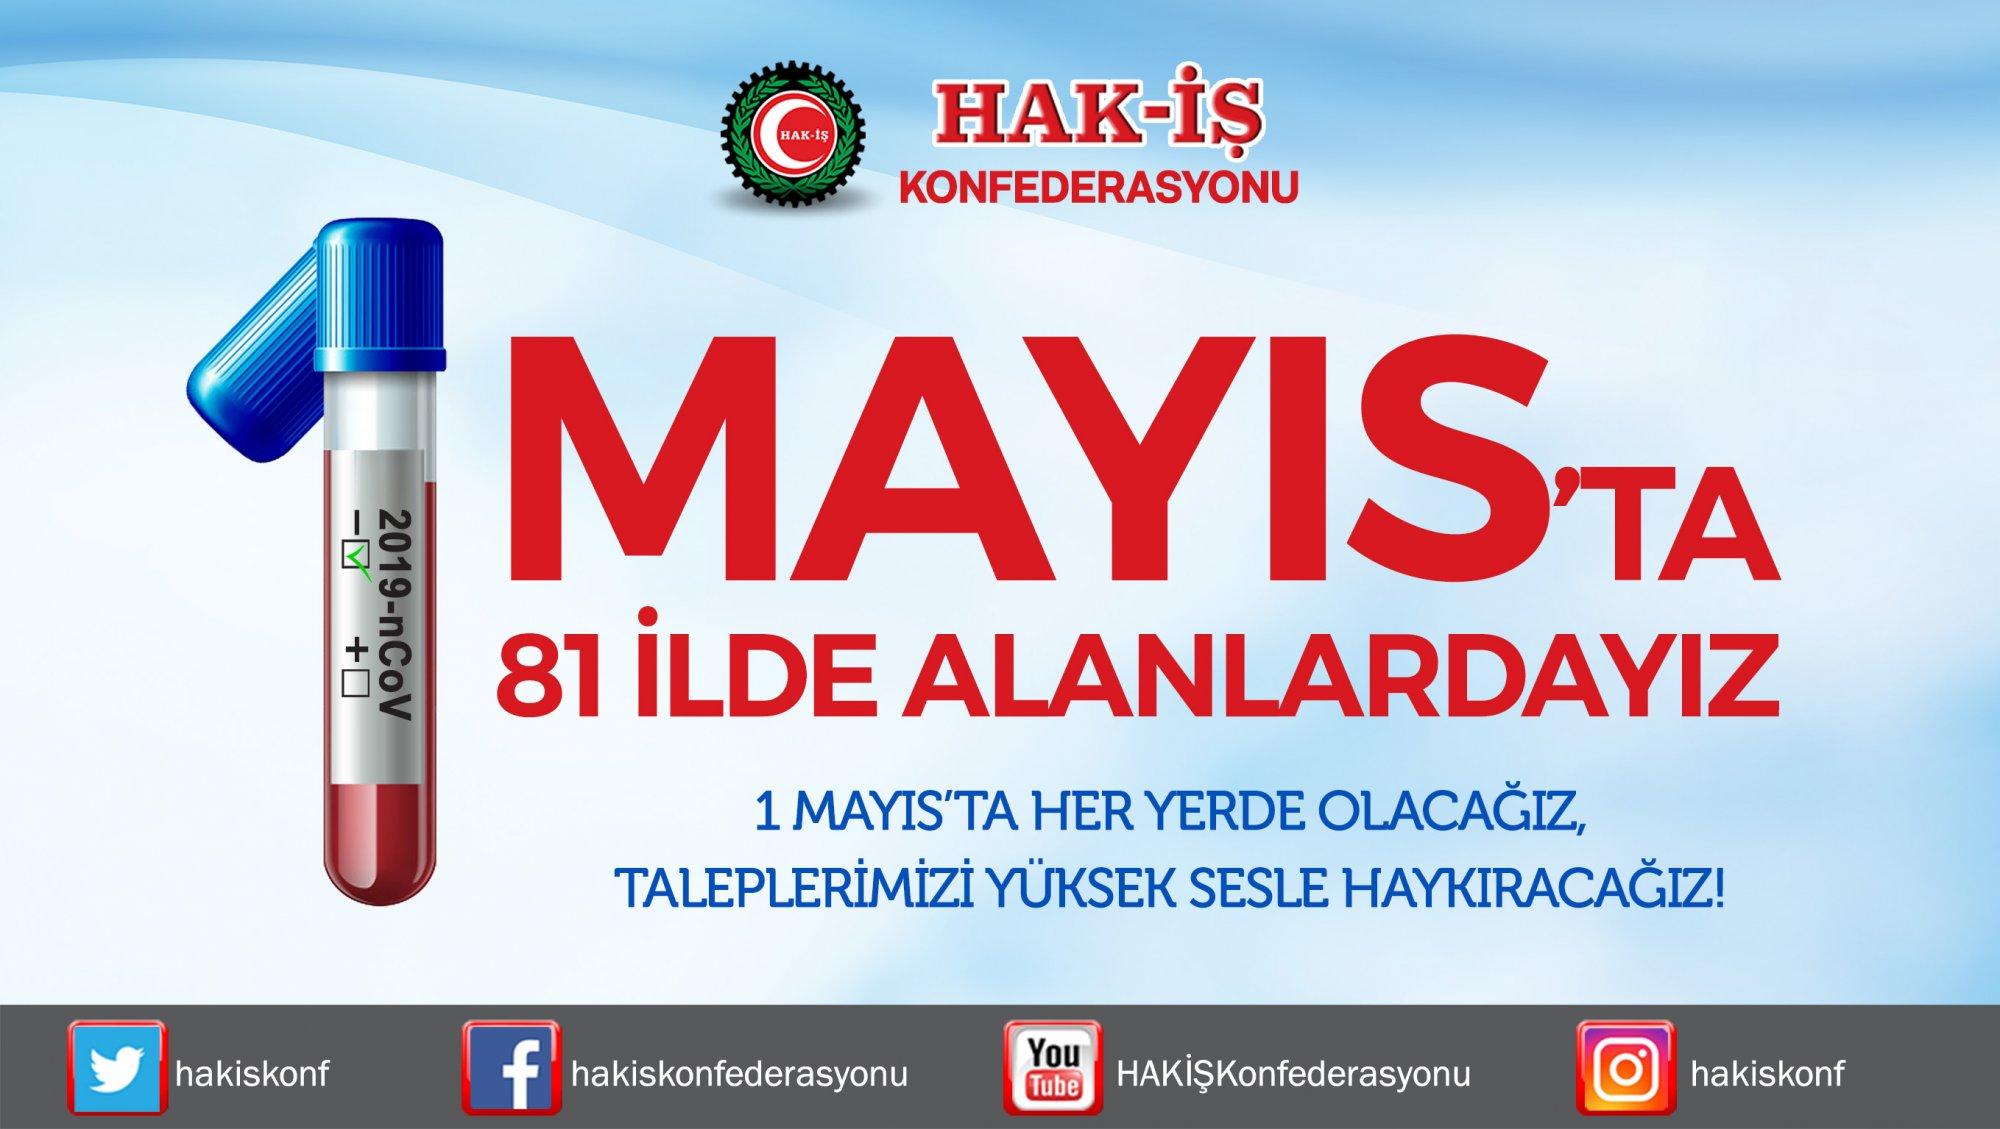 HAK-İŞ 81 İLDE 1 MAYIS BİLDİRİSİ OKUYACAK